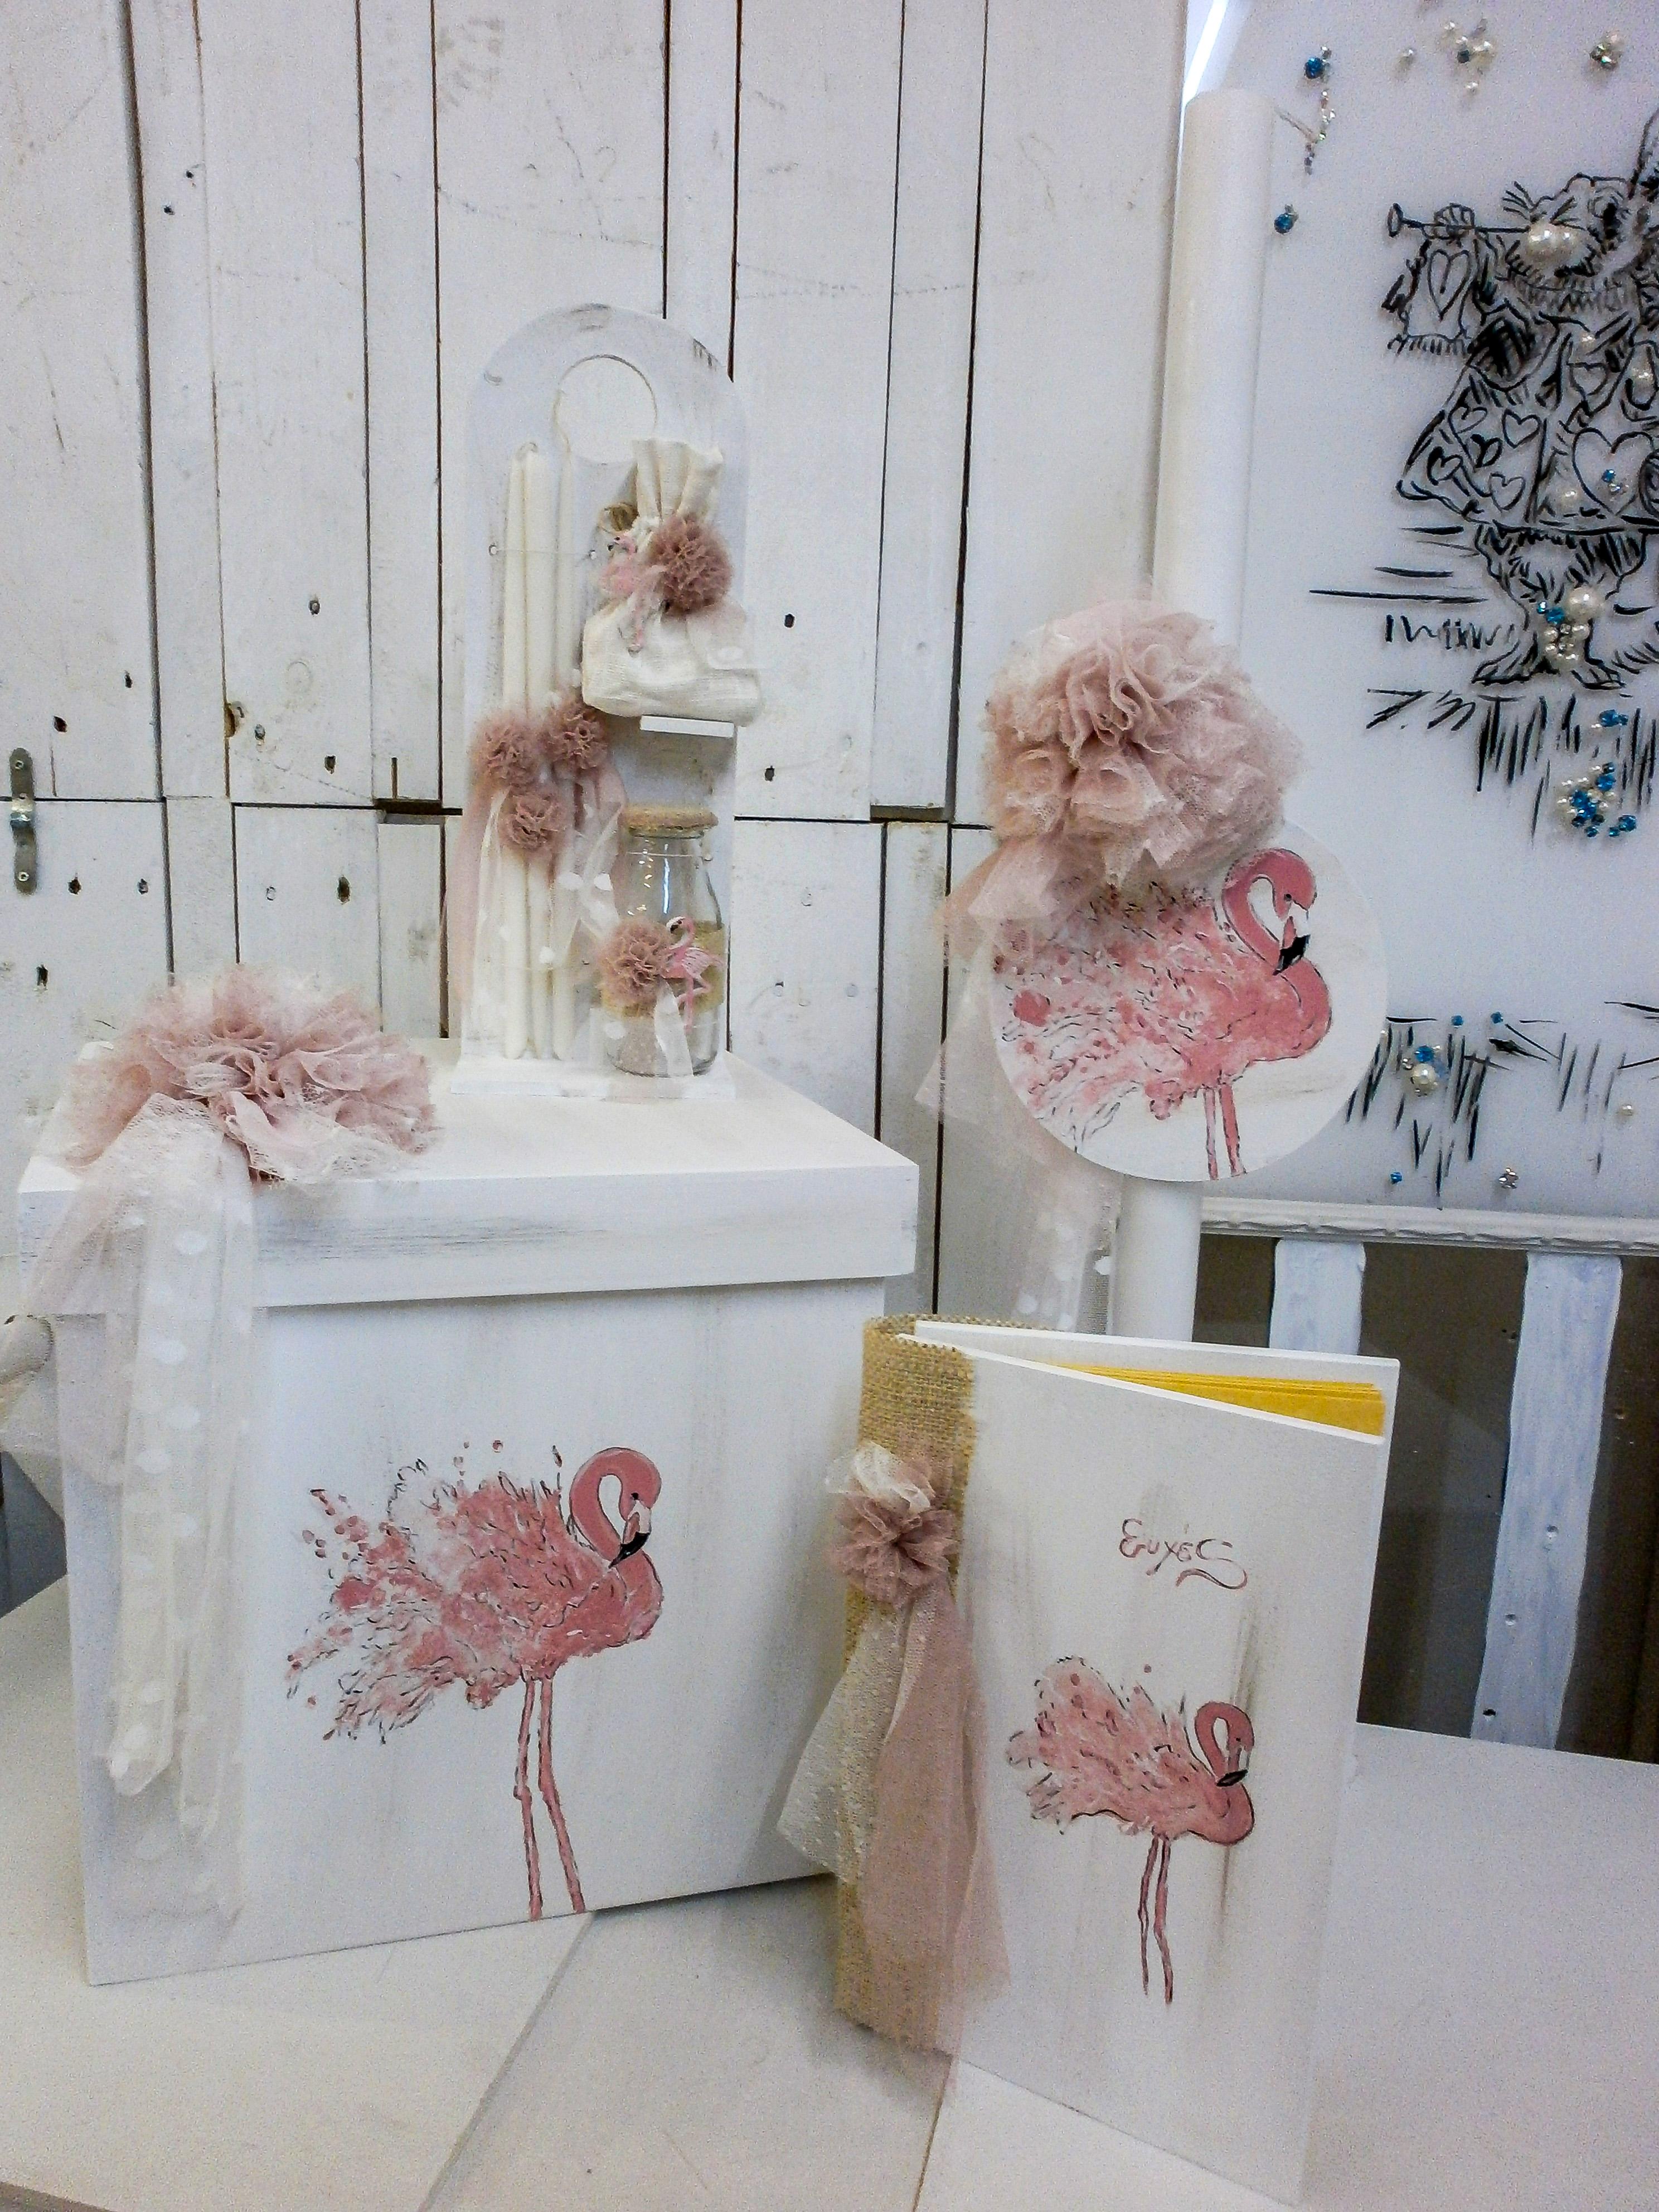 Βαπτιστικό σετ Flamingo αποτελούμενο από βαπτιστικό κουτί, βιβλίο ευχών, λαμπάδα και λαδοσετ.